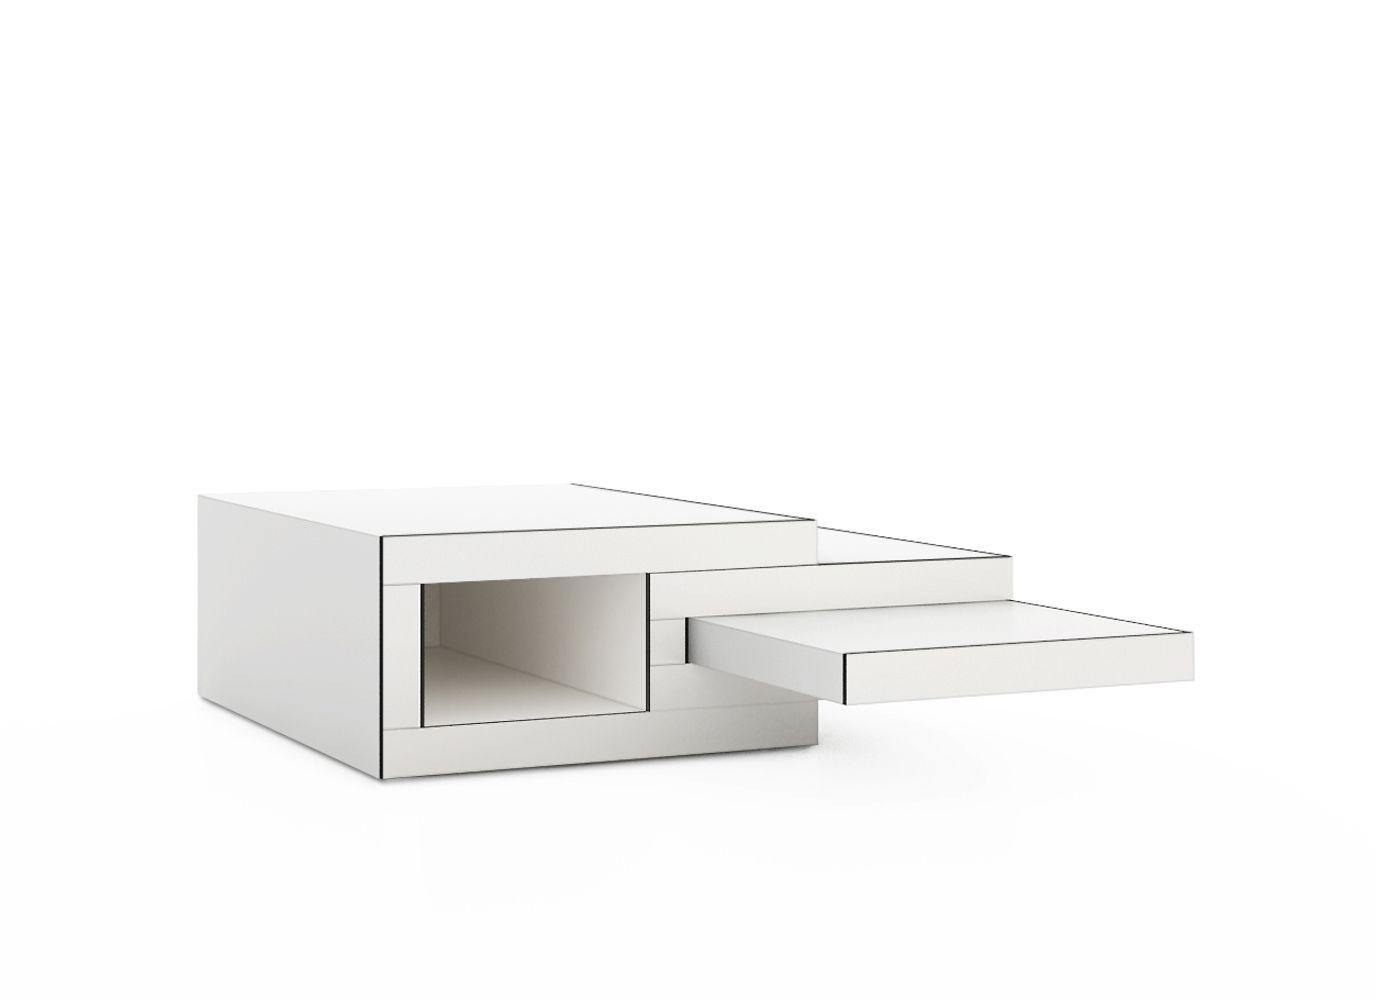 High Quality REK Extending Coffee Table By Reinier De Jong   Design Milk Ideas